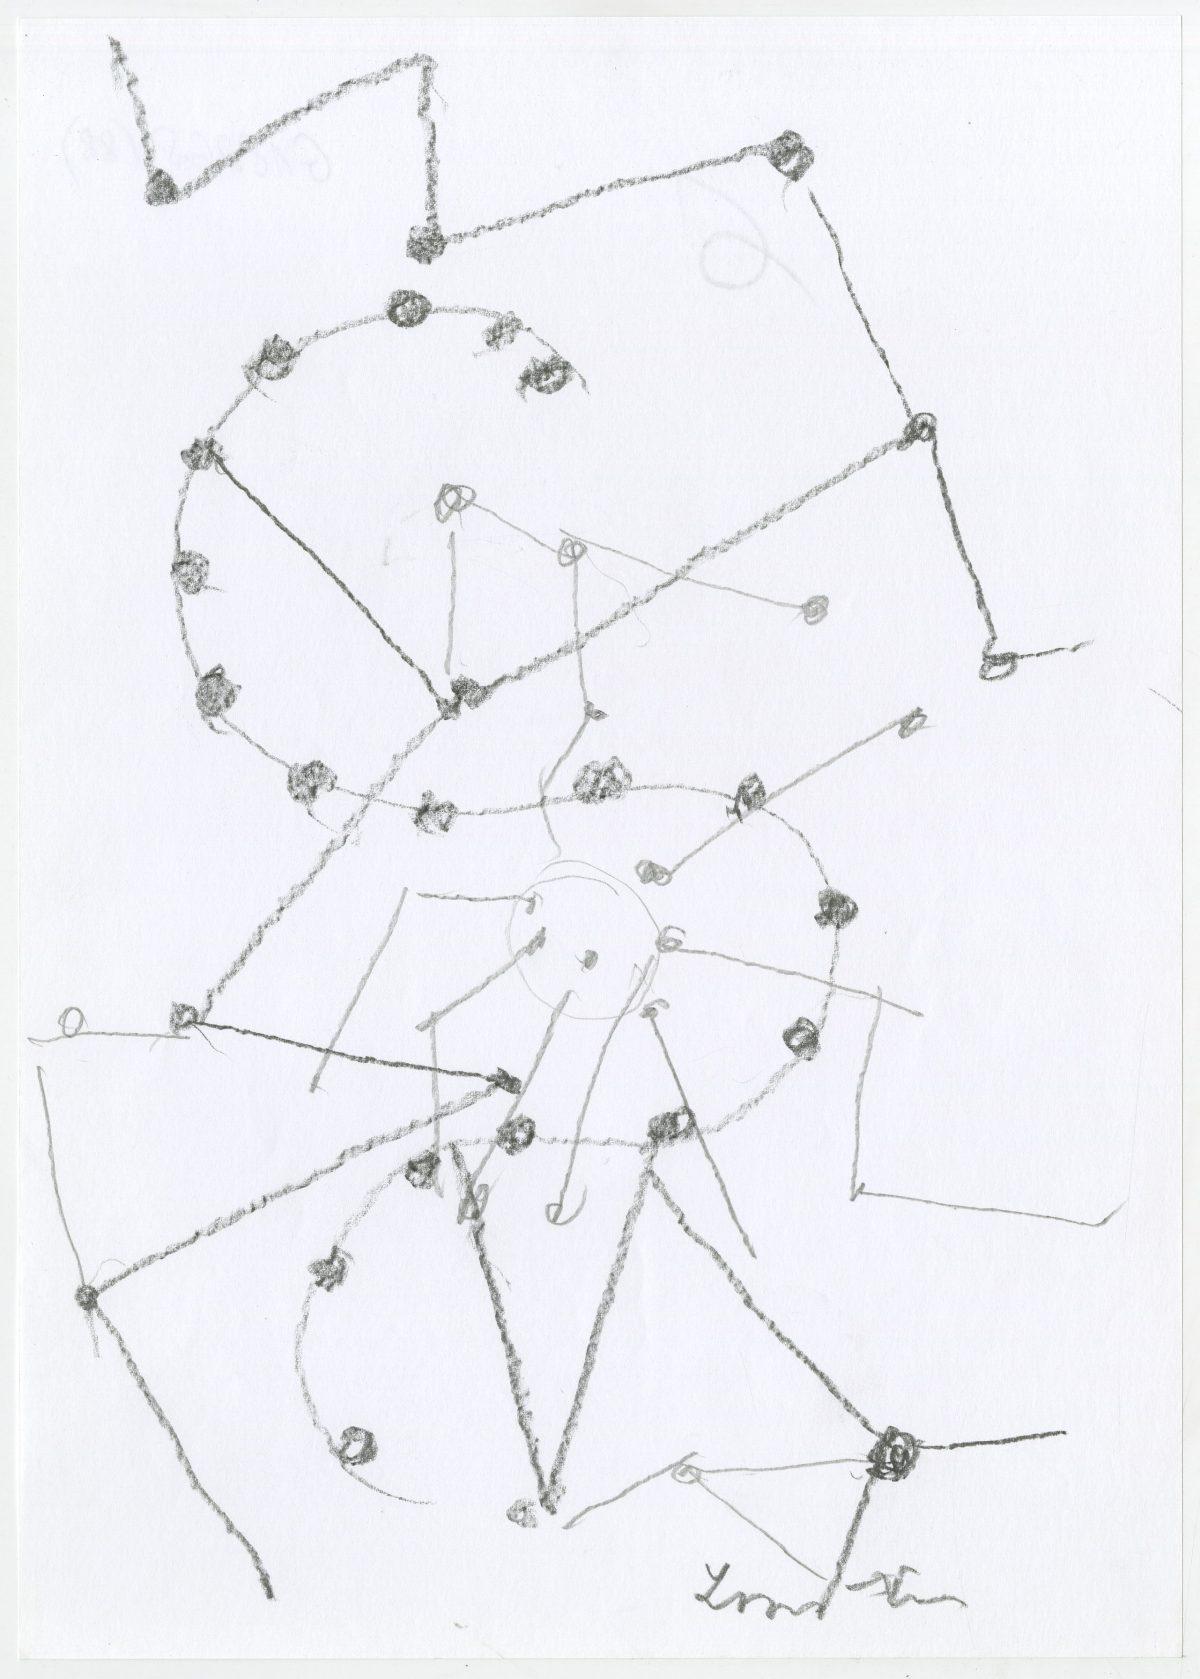 G18268(88)<br/> <b>Cím:</b> Megnyílt az ég tizenhárom felé <br/> <b>Méret cm:</b> 29,6x21 <br/> <b>Készült:</b> 2006. <br/> <b>Technika:</b> ceruza<br/>